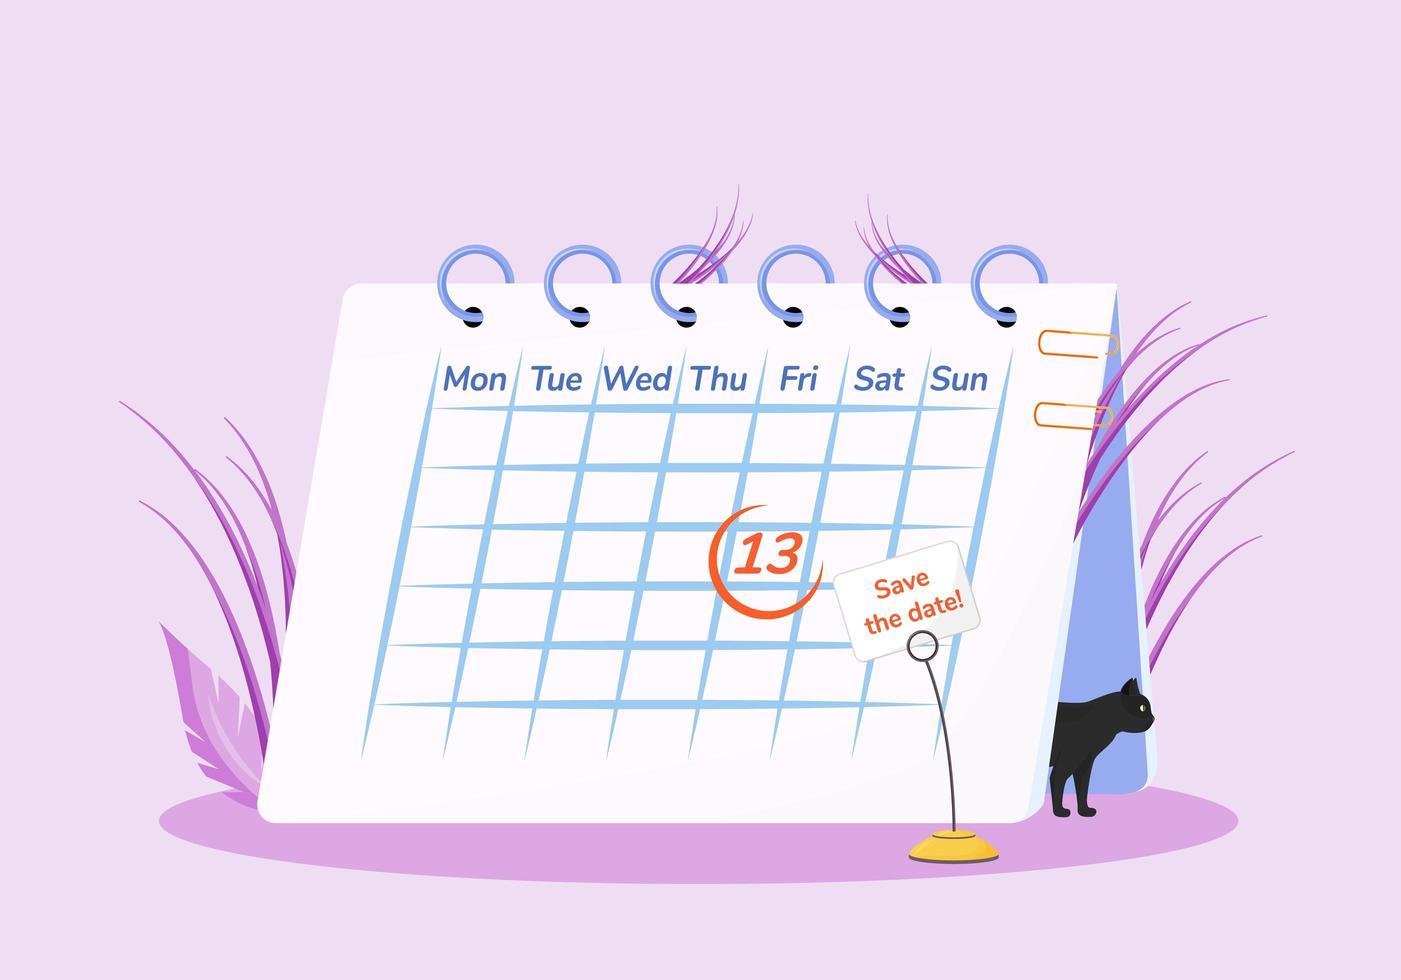 vendredi 13 au calendrier vecteur